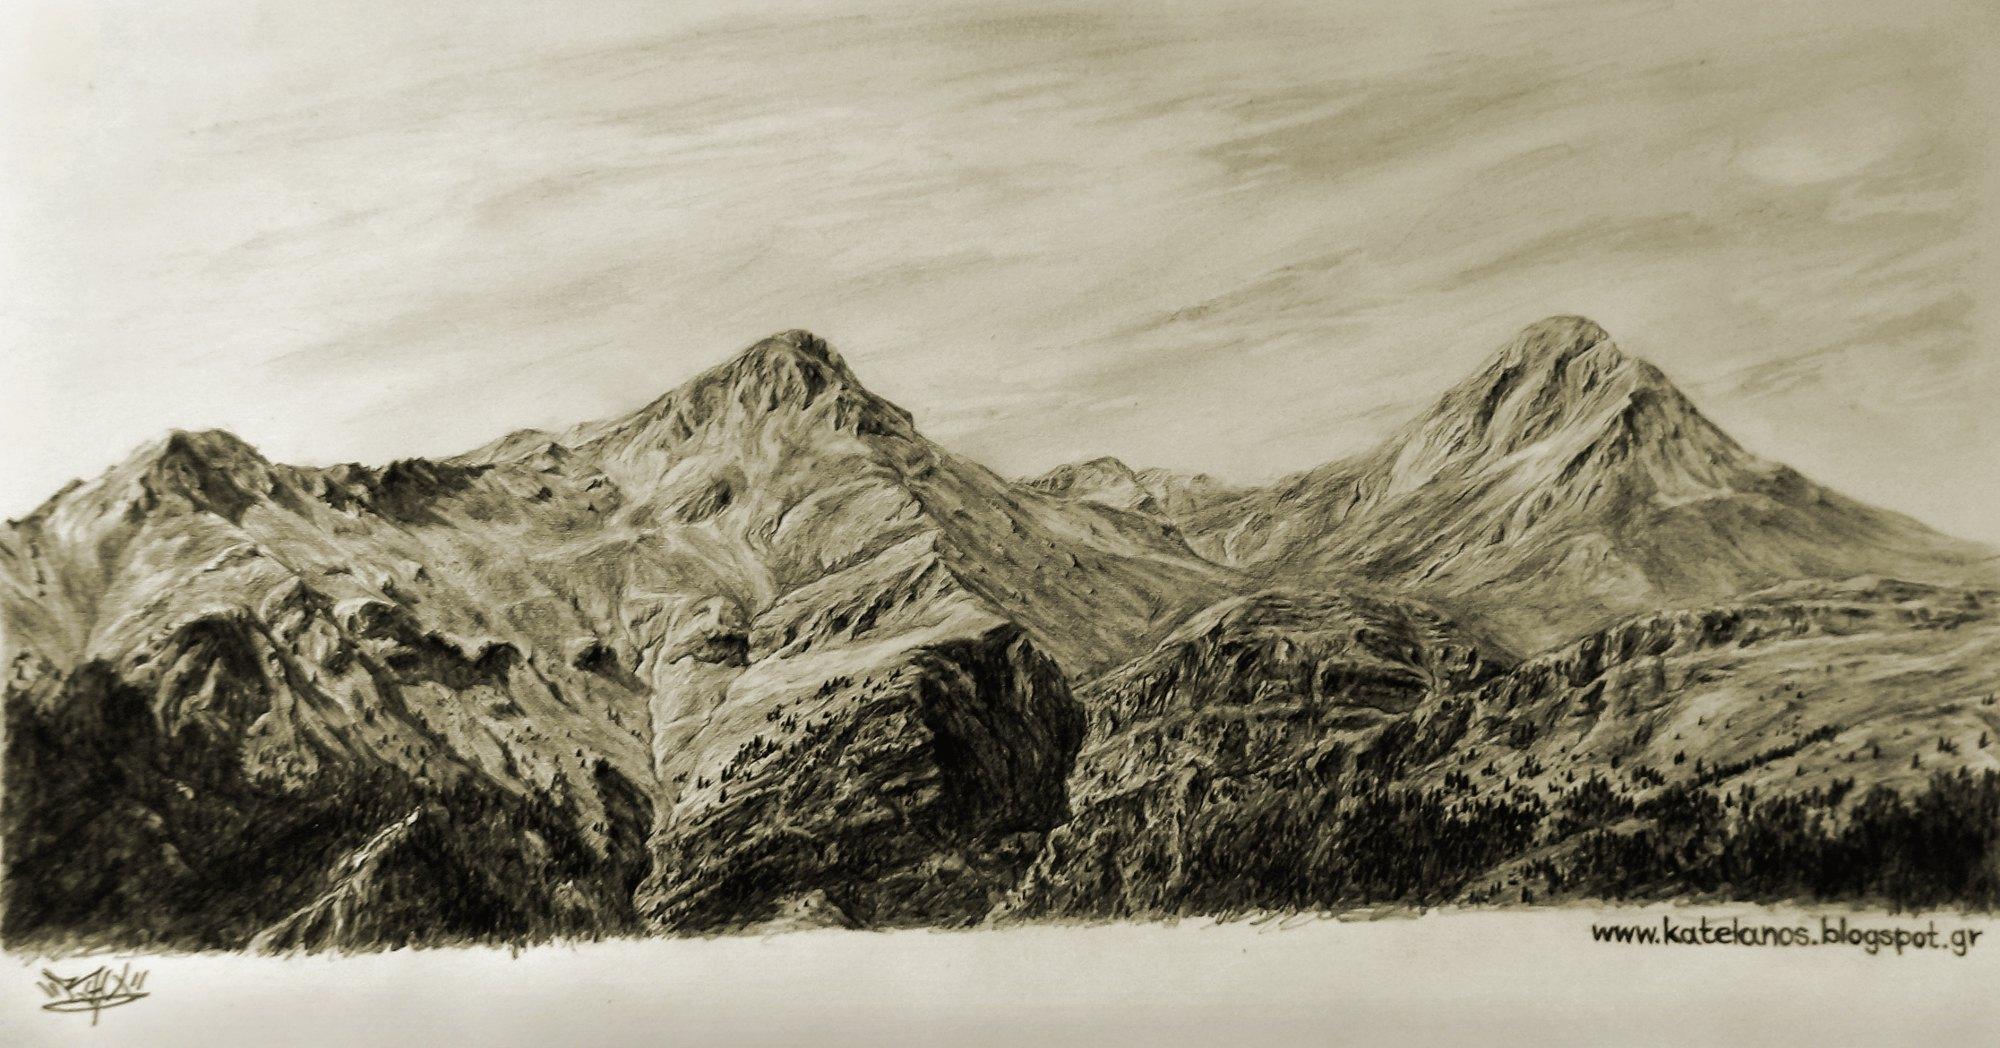 ερυμανθος αχαιας ωλενος μουγγιλα βουνο σκιτσο erymanthos mountain